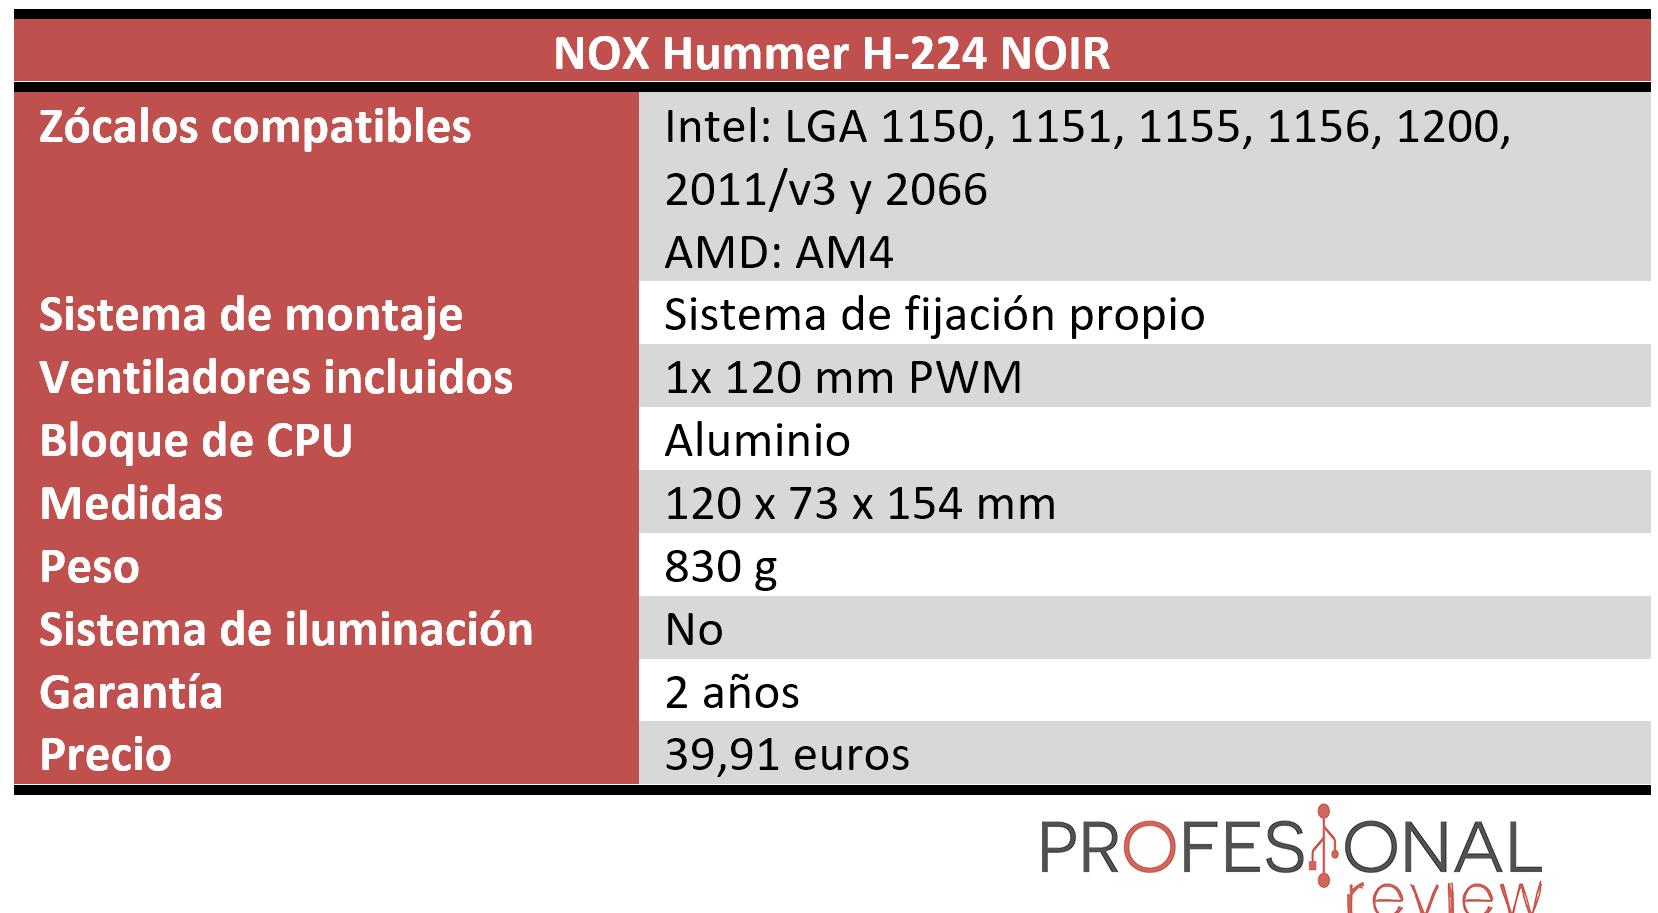 Hummer H-224 NOIR Características